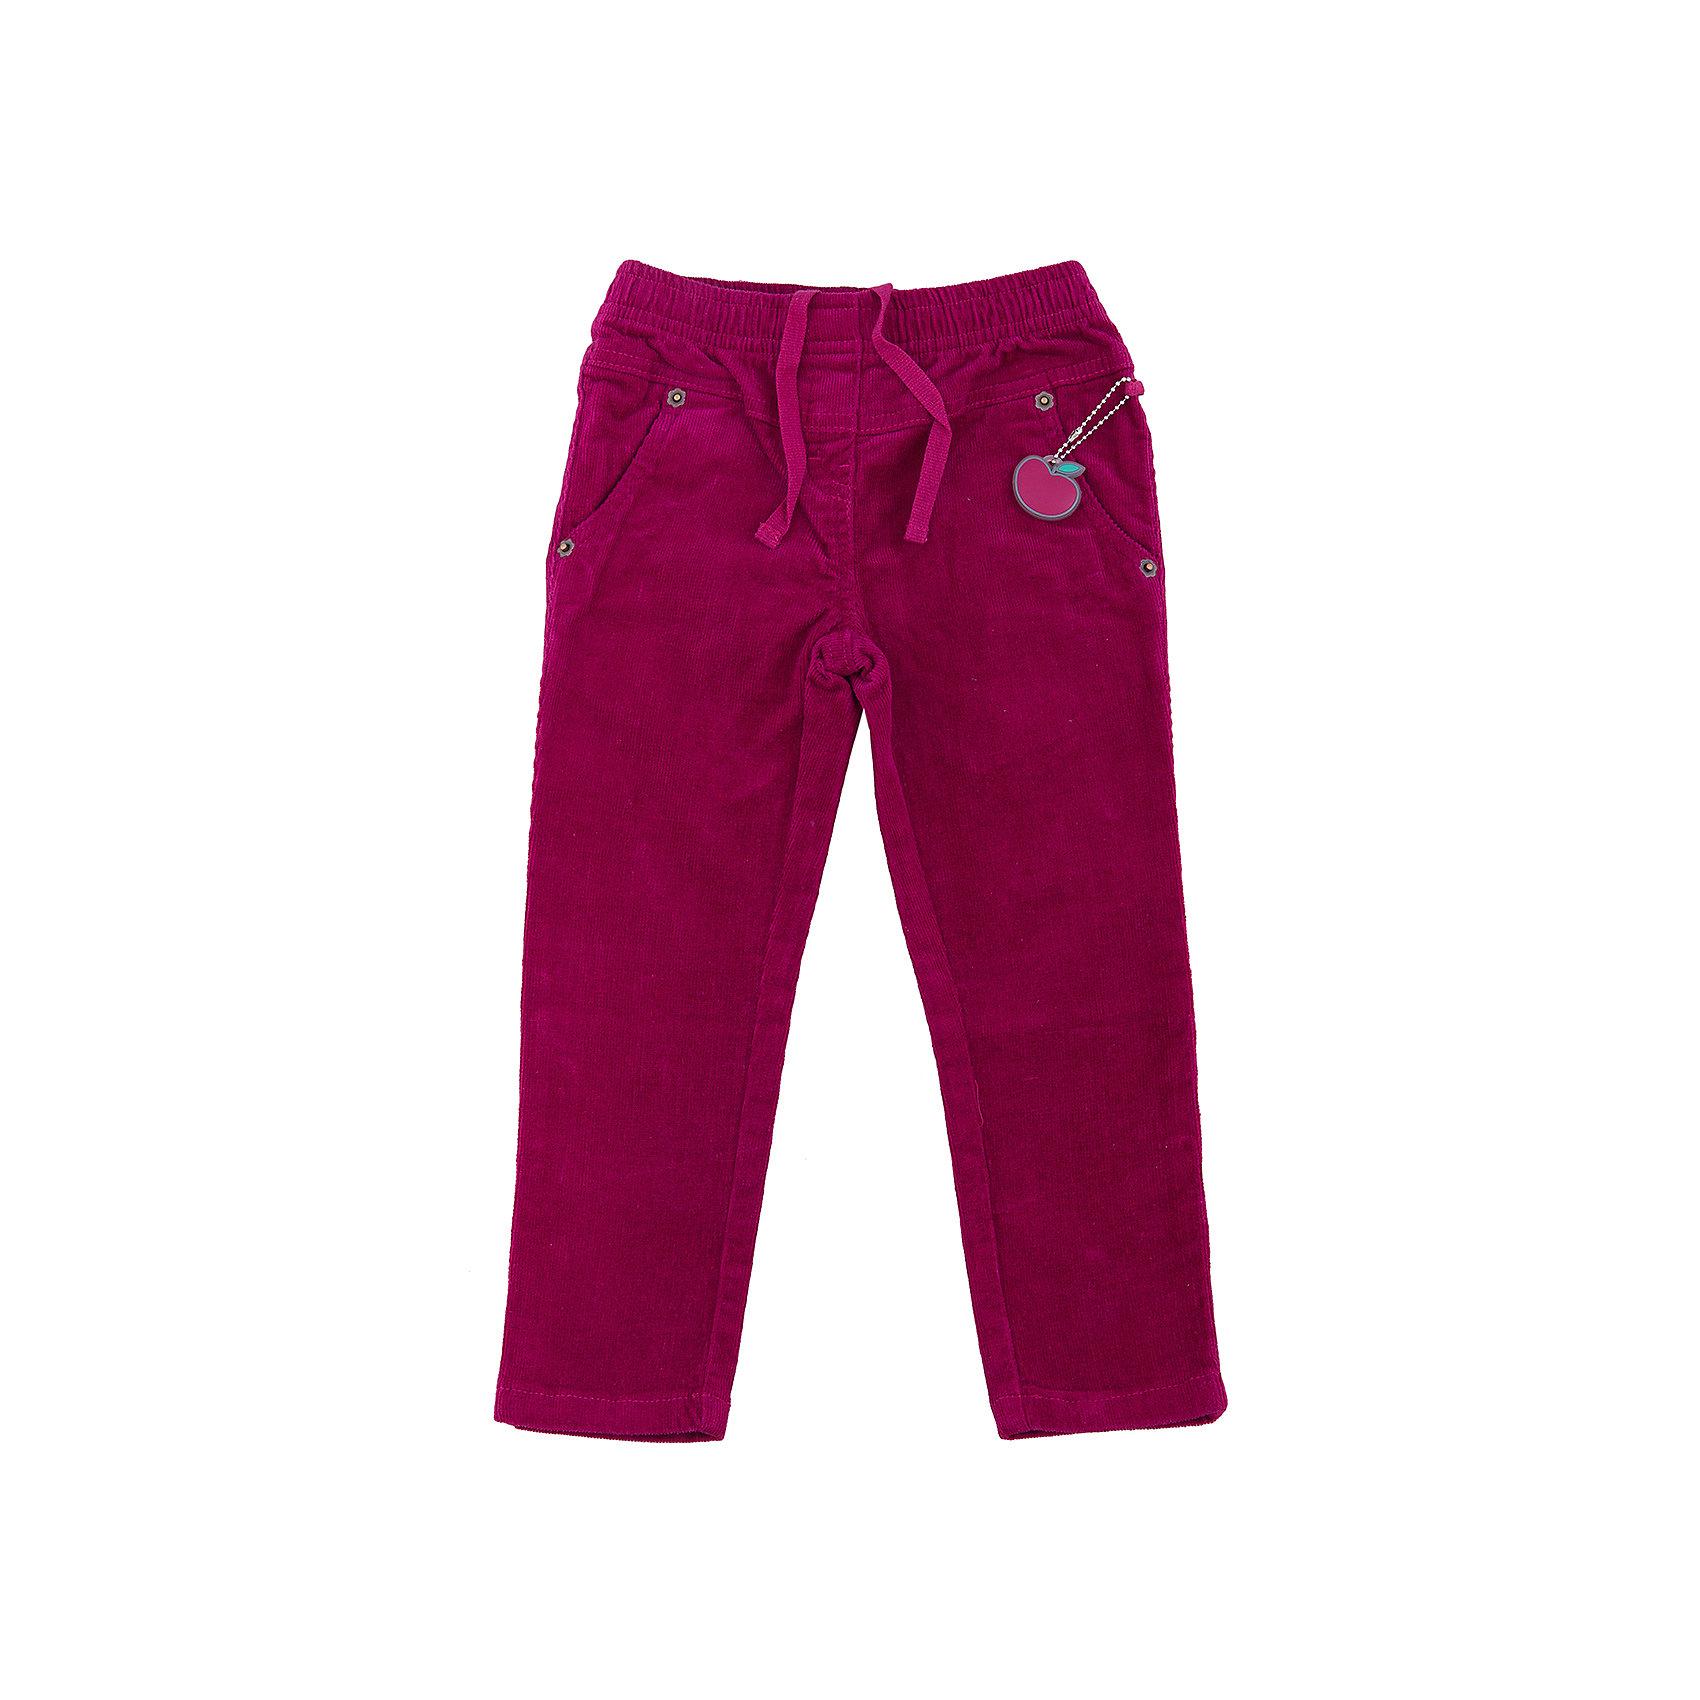 Брюки для девочки SELAСтильные брюки - незаменимая вещь в прохладное время года. Эта модель отлично сидит на ребенке, она сшита из плотного материала, натуральный хлопок не вызывает аллергии и обеспечивает ребенку комфорт. Модель станет отличной базовой вещью, которая будет уместна в различных сочетаниях.<br>Одежда от бренда Sela (Села) - это качество по приемлемым ценам. Многие российские родители уже оценили преимущества продукции этой компании и всё чаще приобретают одежду и аксессуары Sela.<br><br>Дополнительная информация:<br><br>цвет: красный;<br>материал: 100% хлопок;<br>плотный материал;<br>резинка в поясе.<br><br>Брюки для девочки от бренда Sela можно купить в нашем интернет-магазине.<br><br>Ширина мм: 215<br>Глубина мм: 88<br>Высота мм: 191<br>Вес г: 336<br>Цвет: красный<br>Возраст от месяцев: 60<br>Возраст до месяцев: 72<br>Пол: Женский<br>Возраст: Детский<br>Размер: 116,92,98,104,110<br>SKU: 4944024